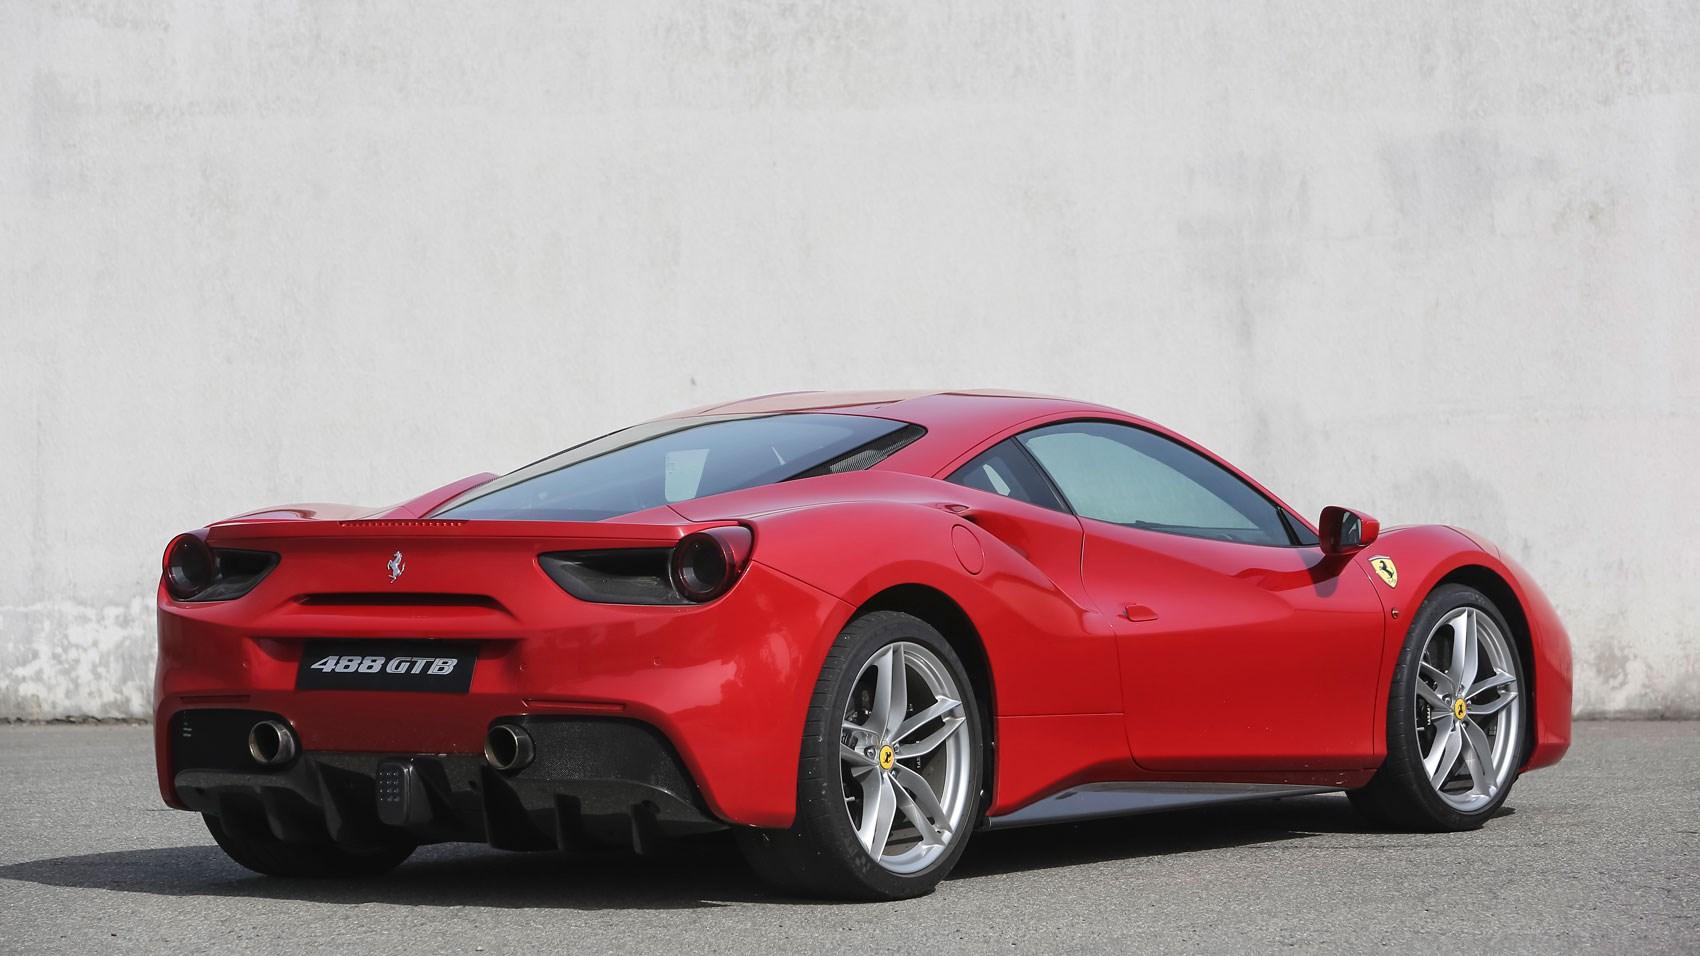 Ferrari 488 Gtb 2015 Review By Car Magazine